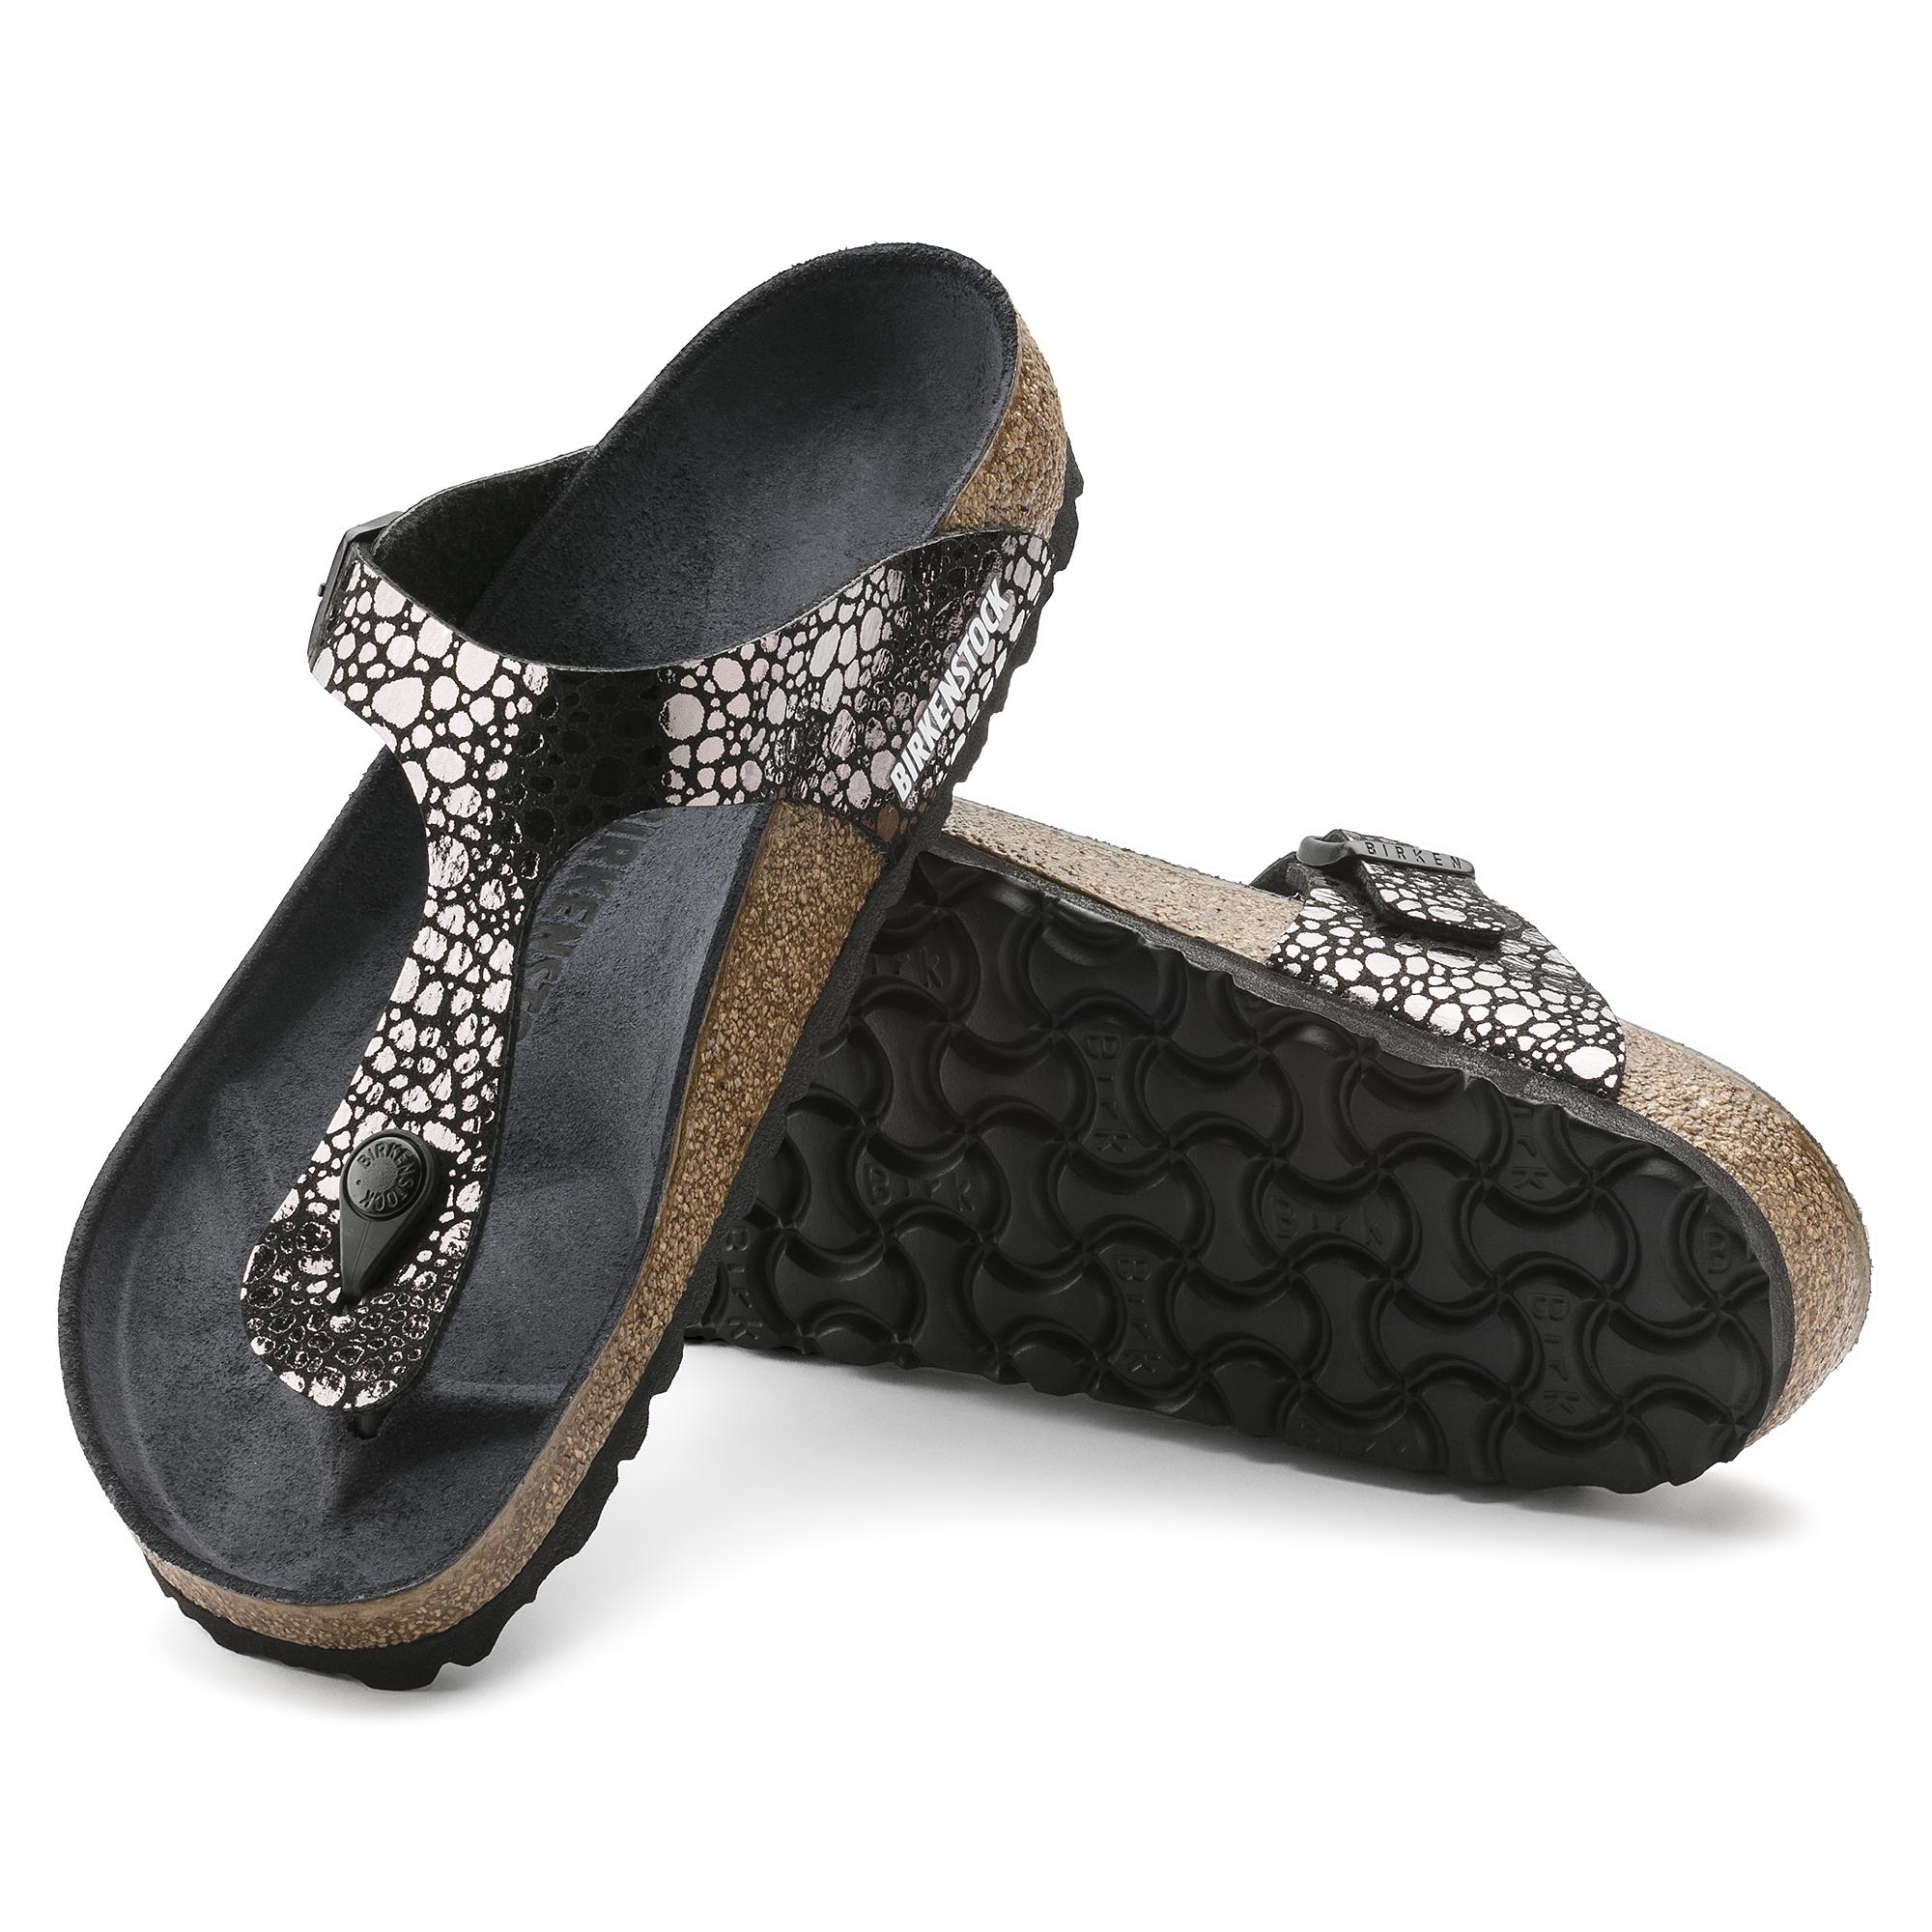 333e907853a5 ... Gizeh Birko-Flor Metallic Stones Black ...